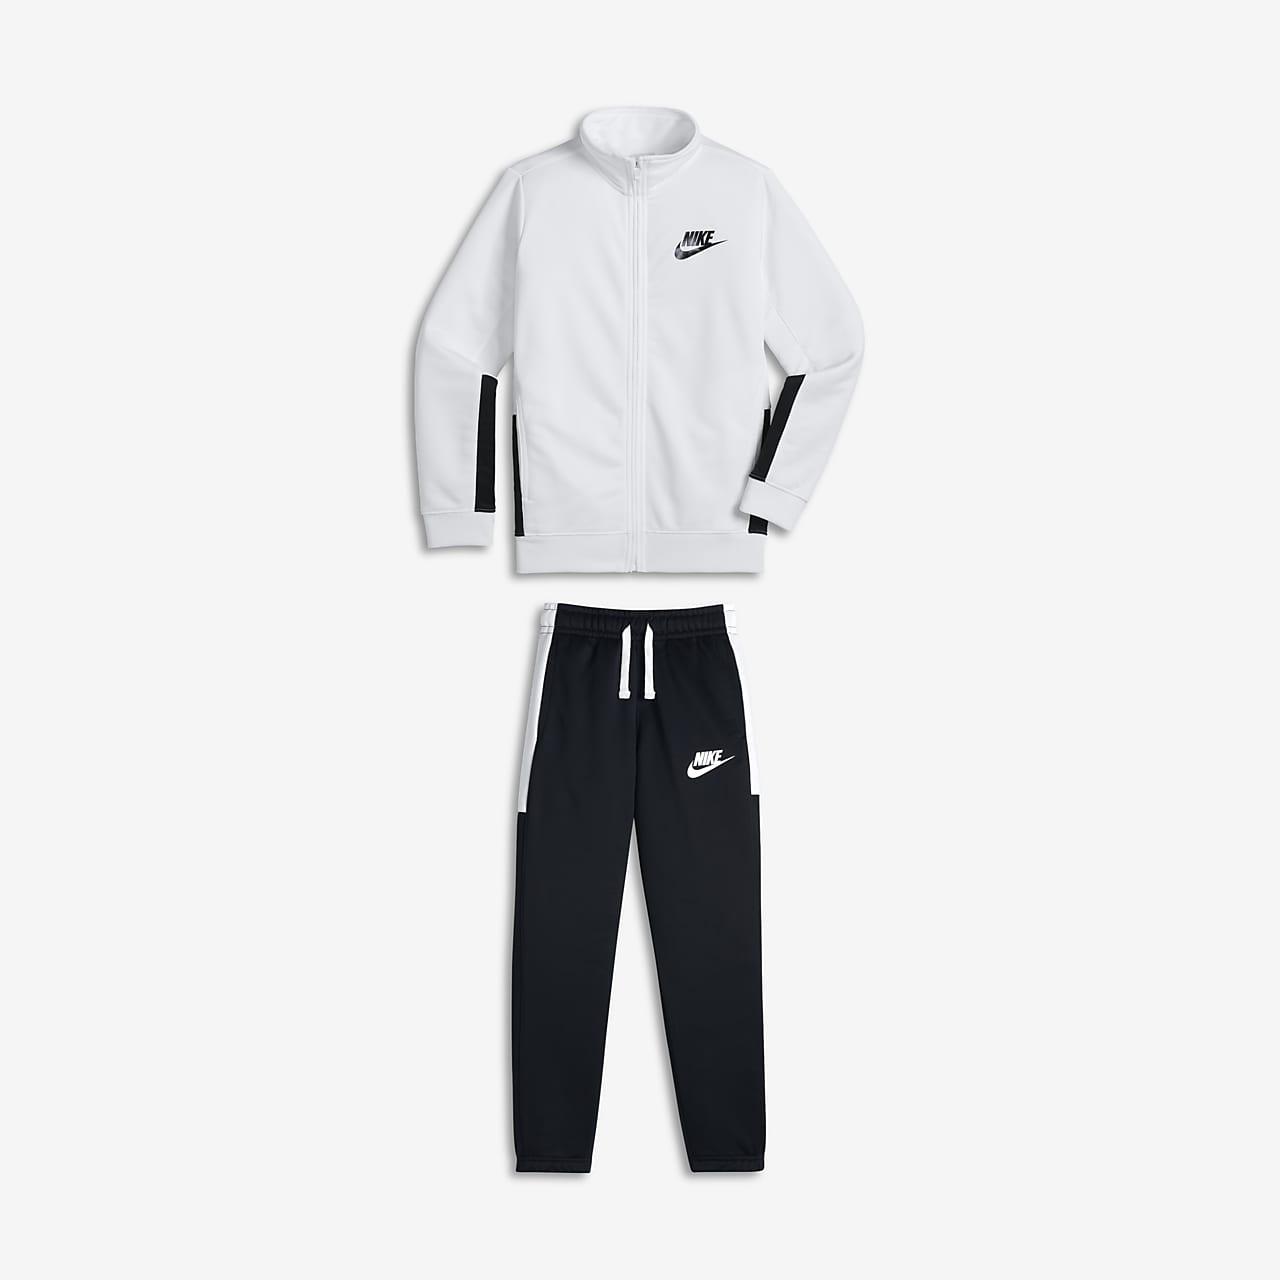 Nike Sportswear Two-Piece Older Kids' (Boys') Track Suit